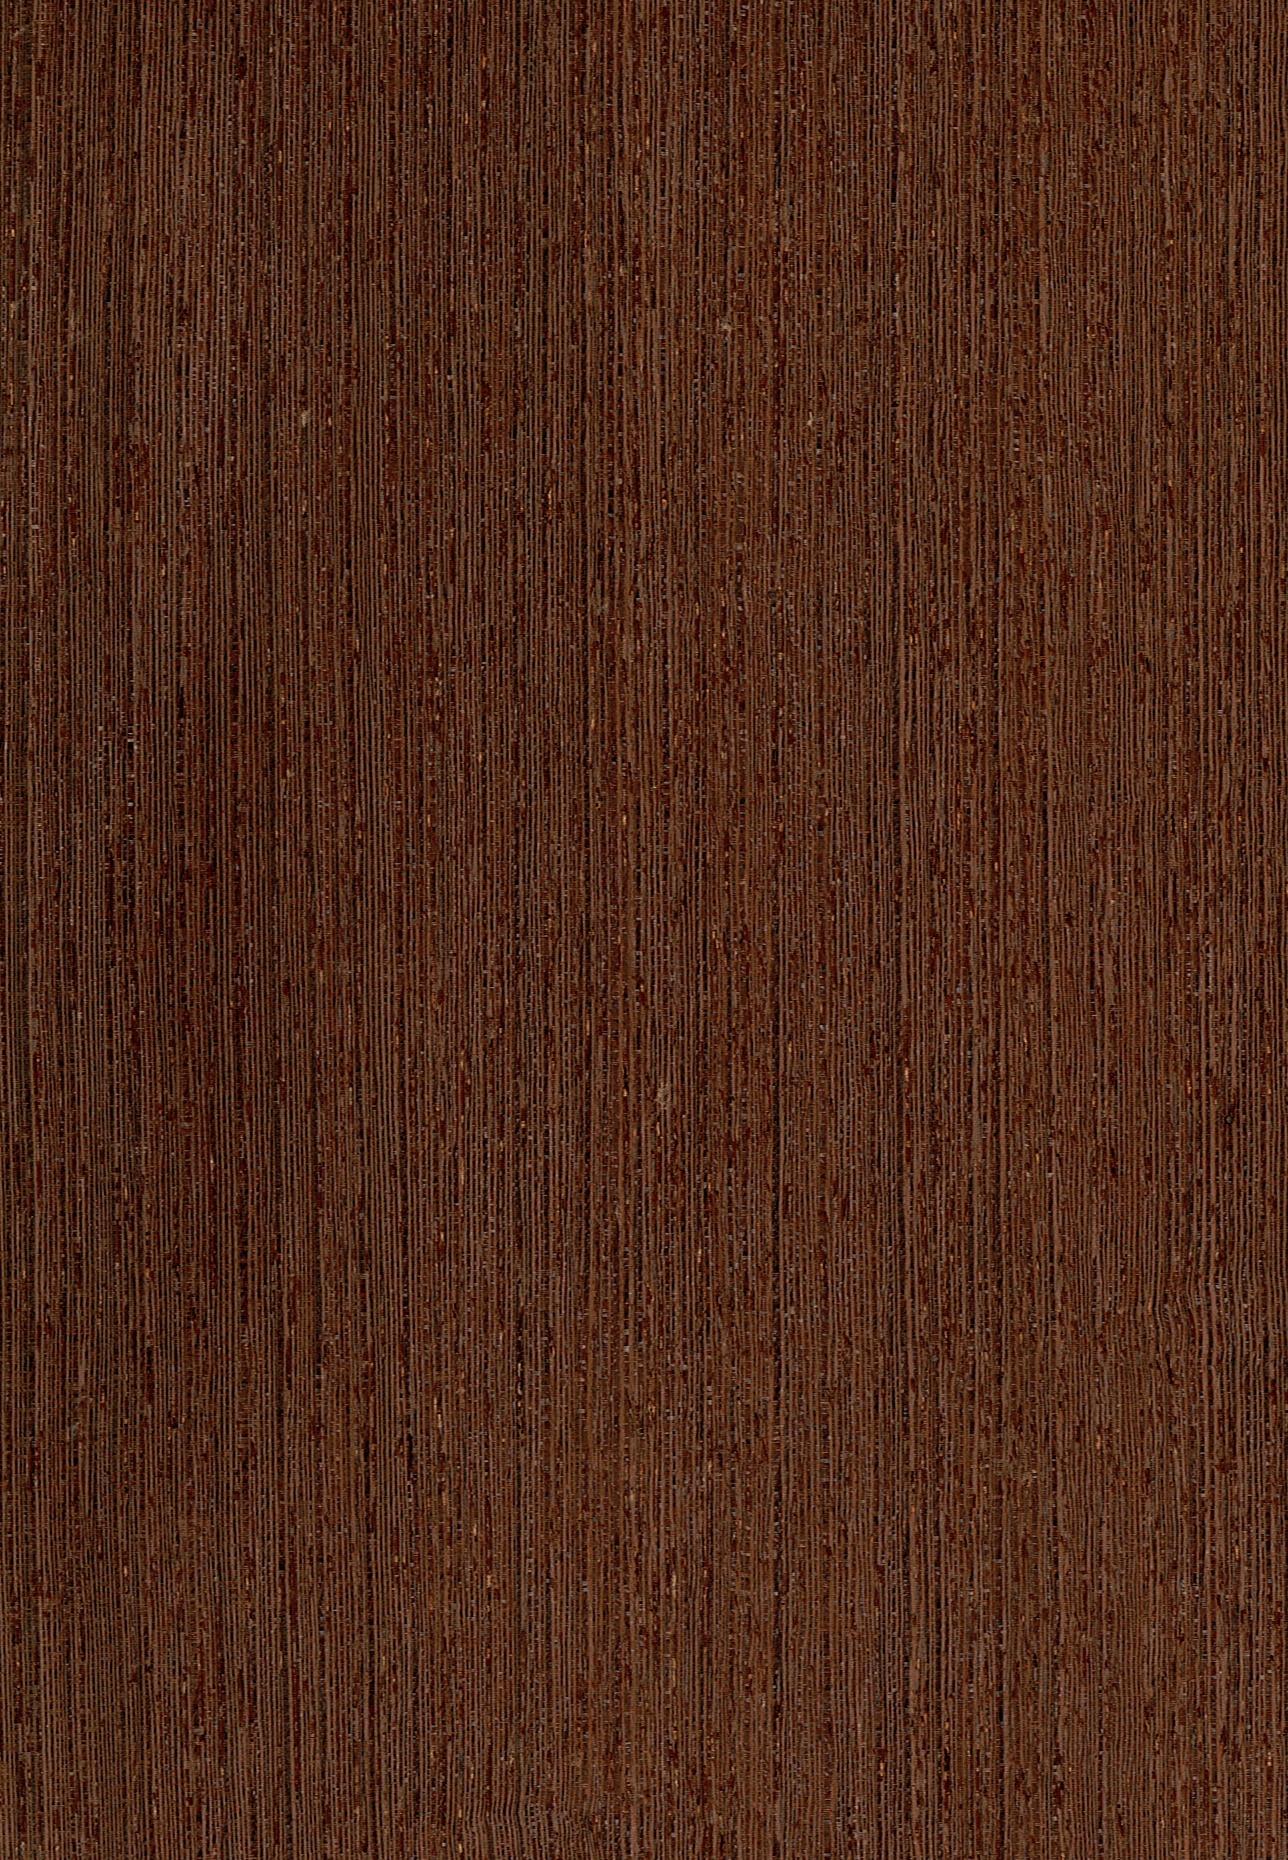 wenge hardwood. Black Bedroom Furniture Sets. Home Design Ideas